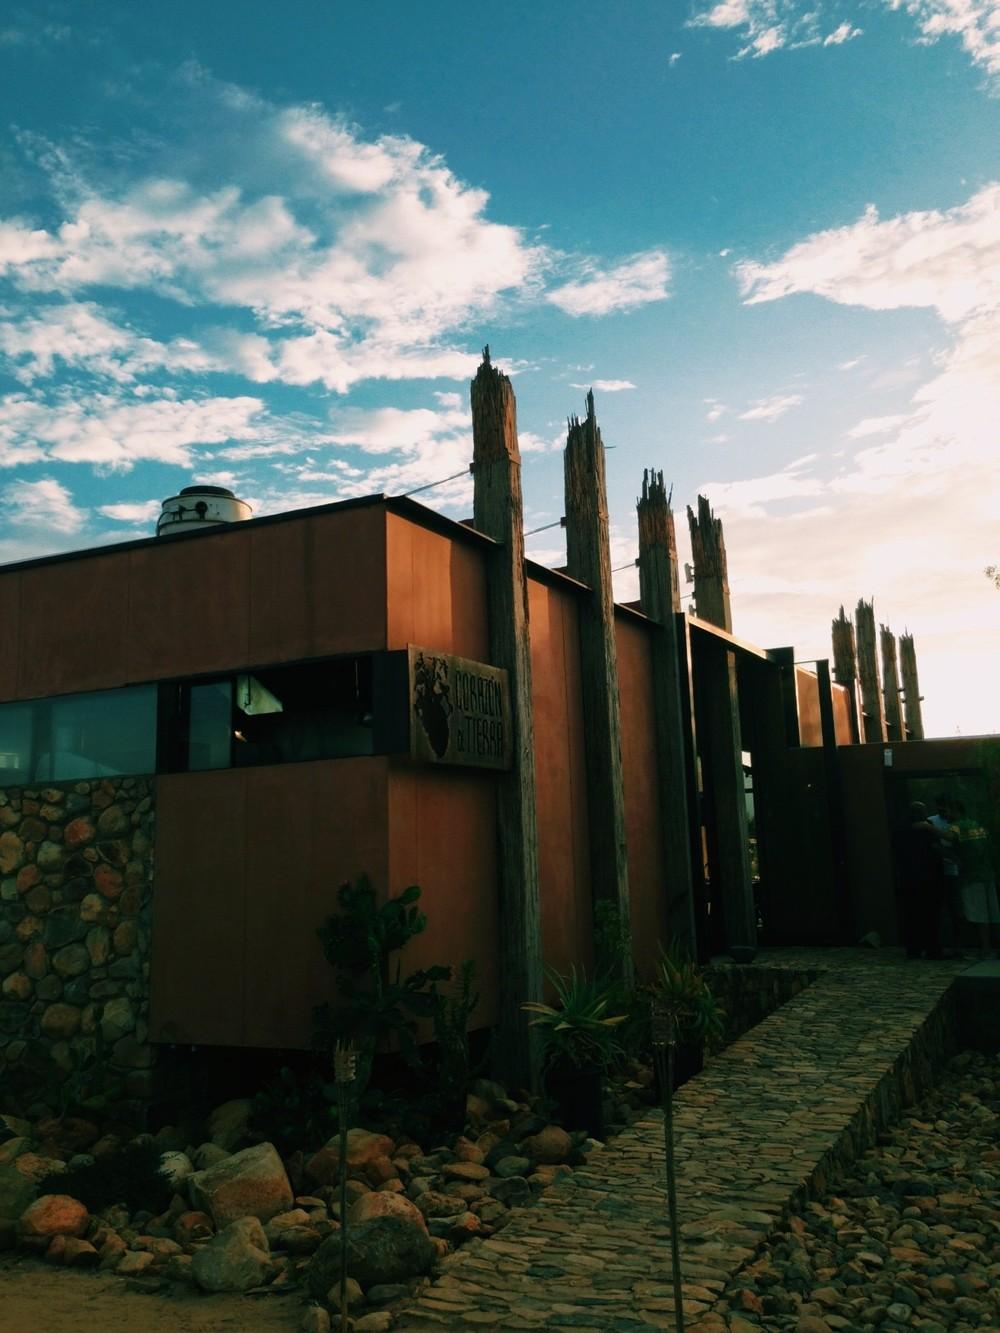 valledeguadalupe-corazondetierra-e1380006795586.jpg